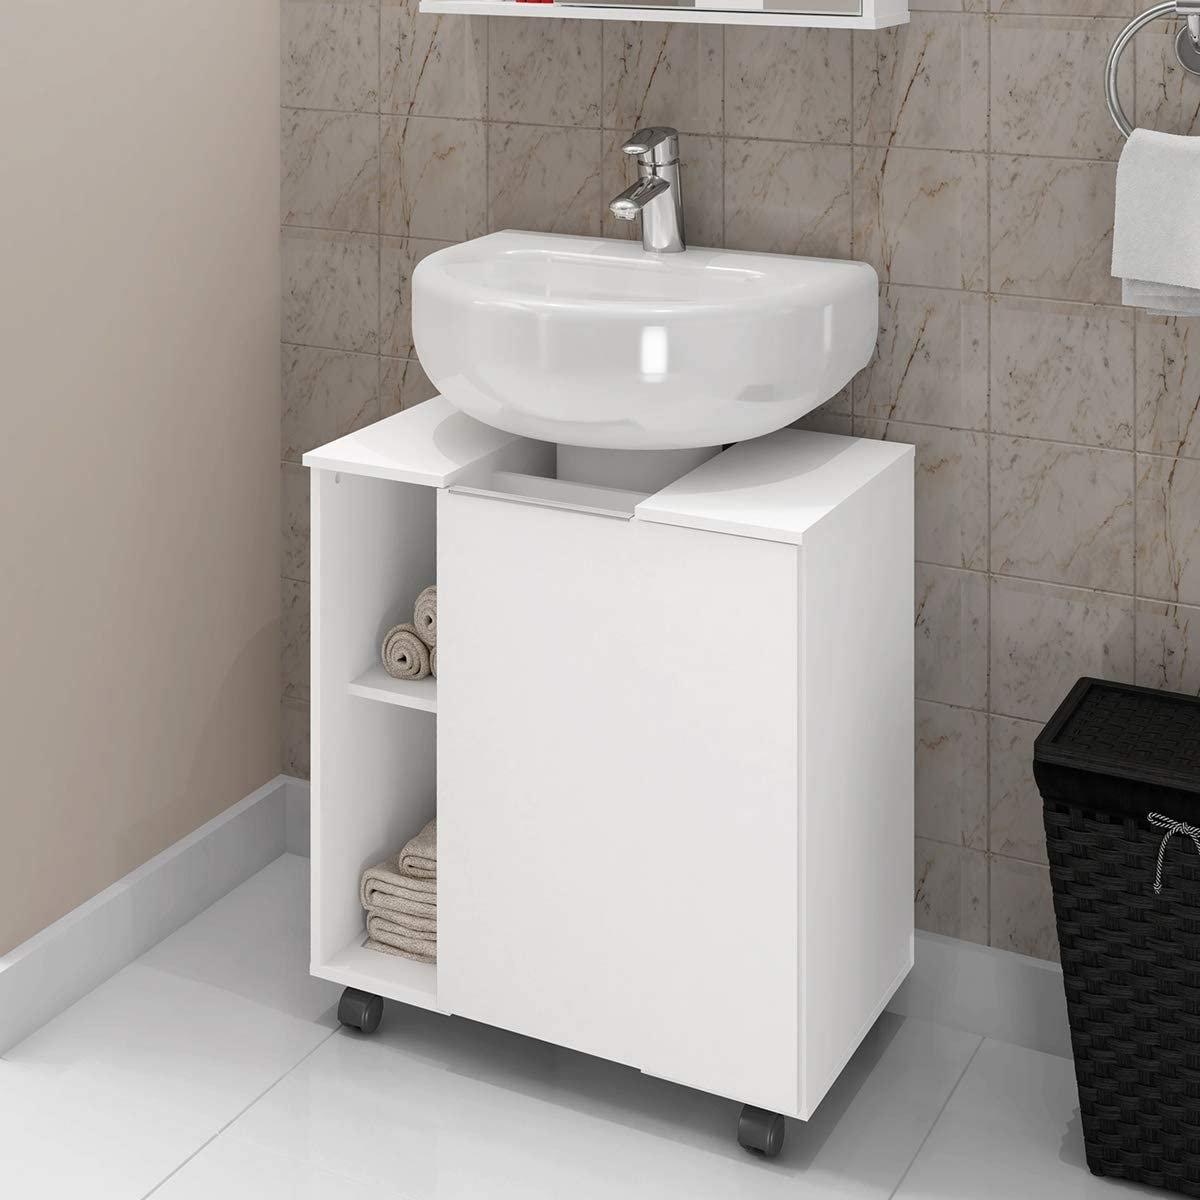 Gabinete branco, da Móveis Bechara, com 58cmx42cmx12cm